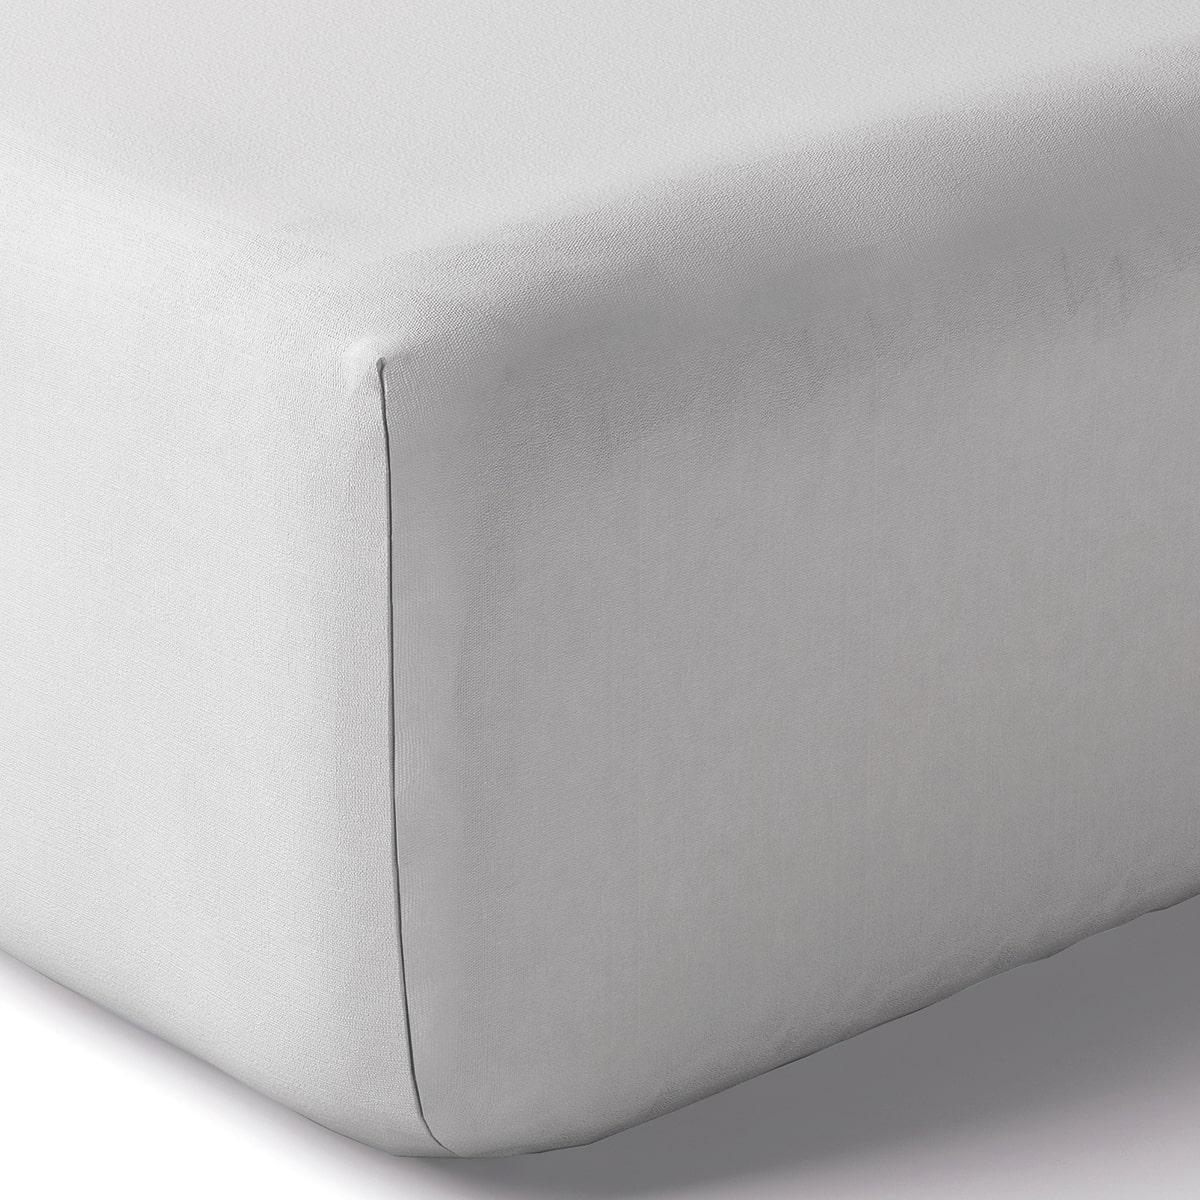 Drap housse coton 200x200 cm opaline